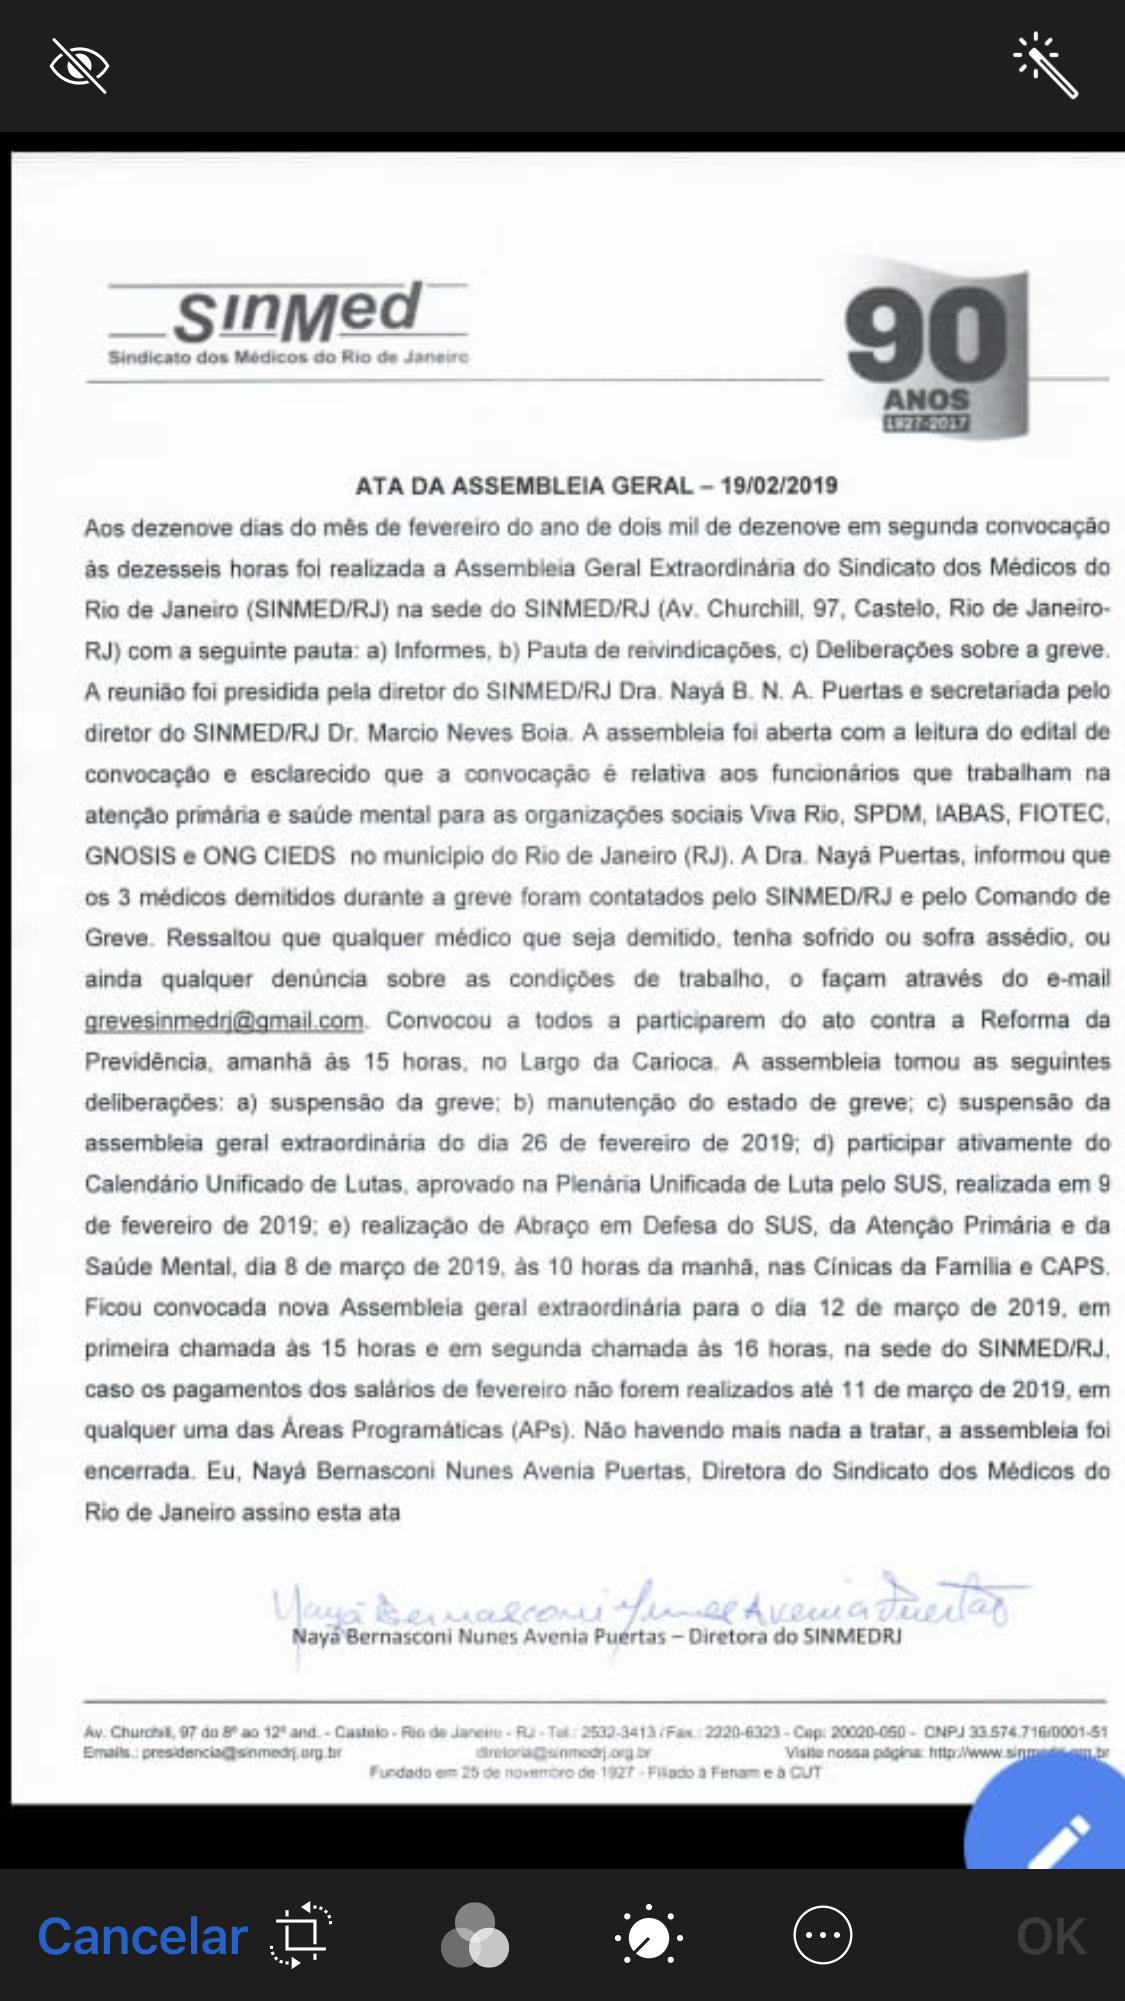 AO e SM suspendem greve em assembleia feita hoje, 18/02/2019